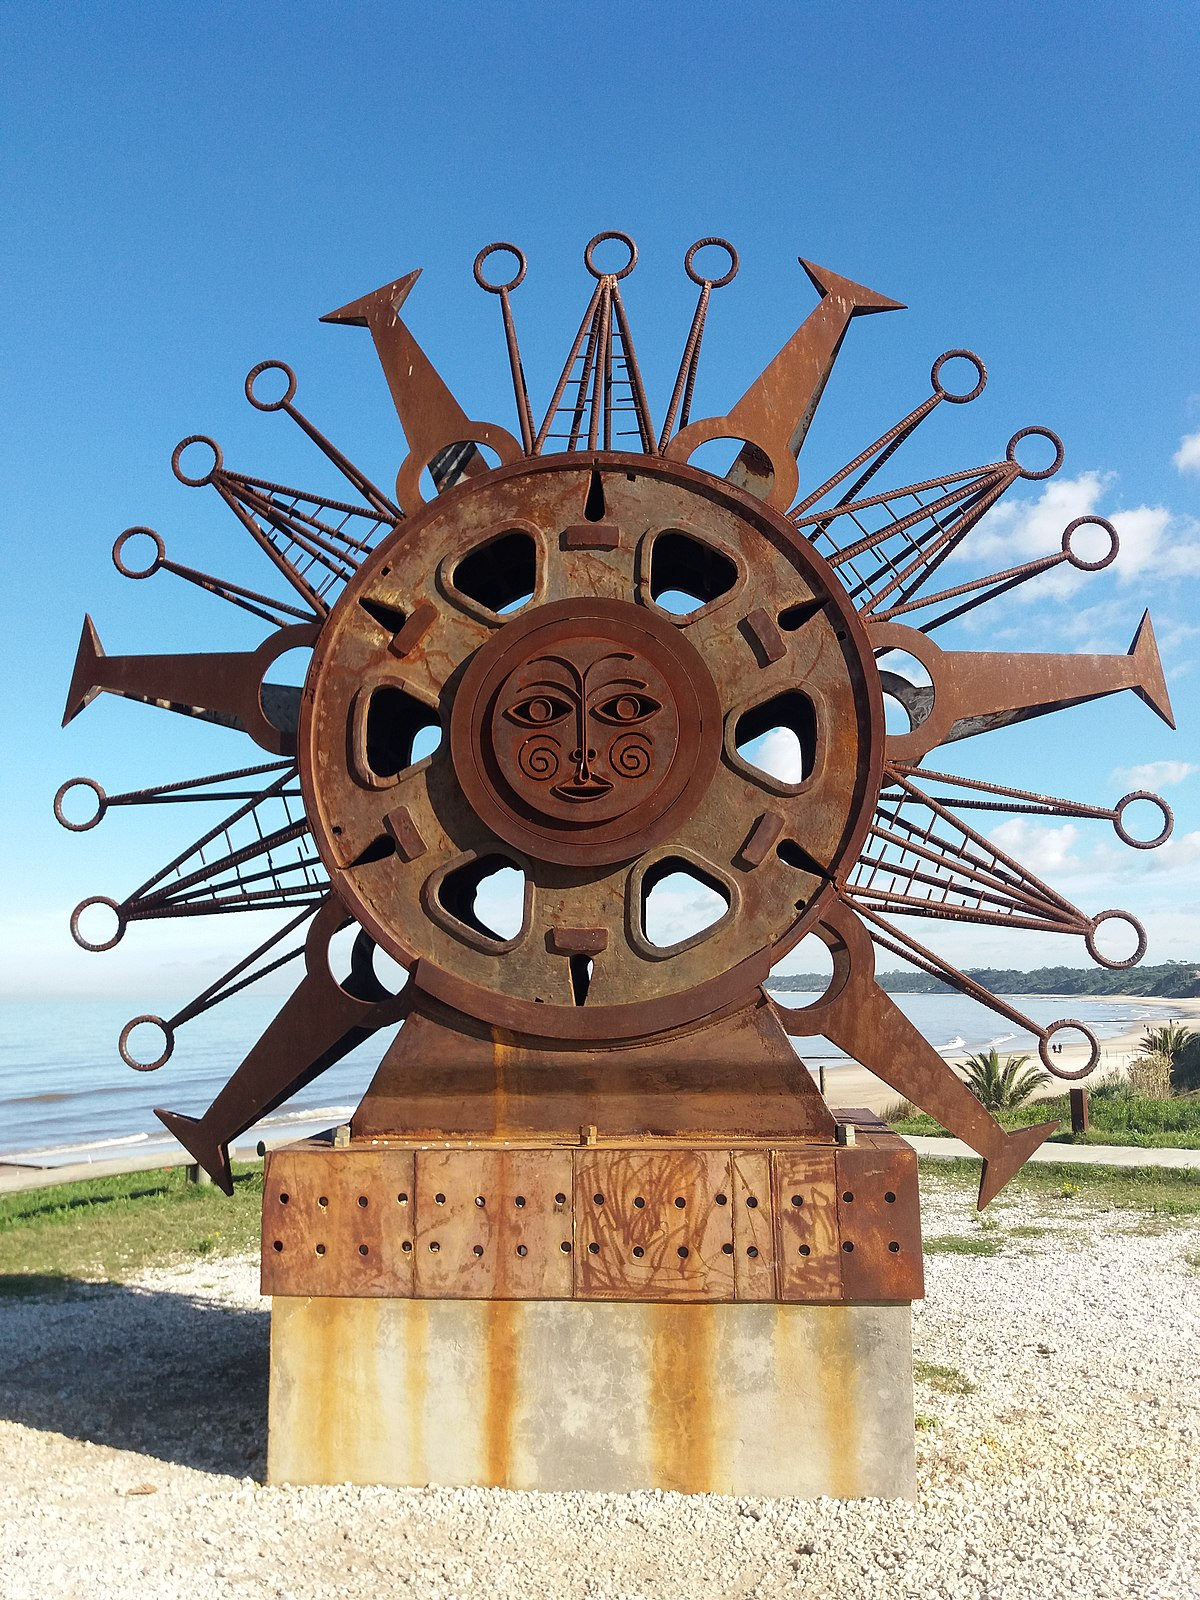 Un sol para atl ntida wikipedia la enciclopedia libre - Mecanismo para reloj de pared ...